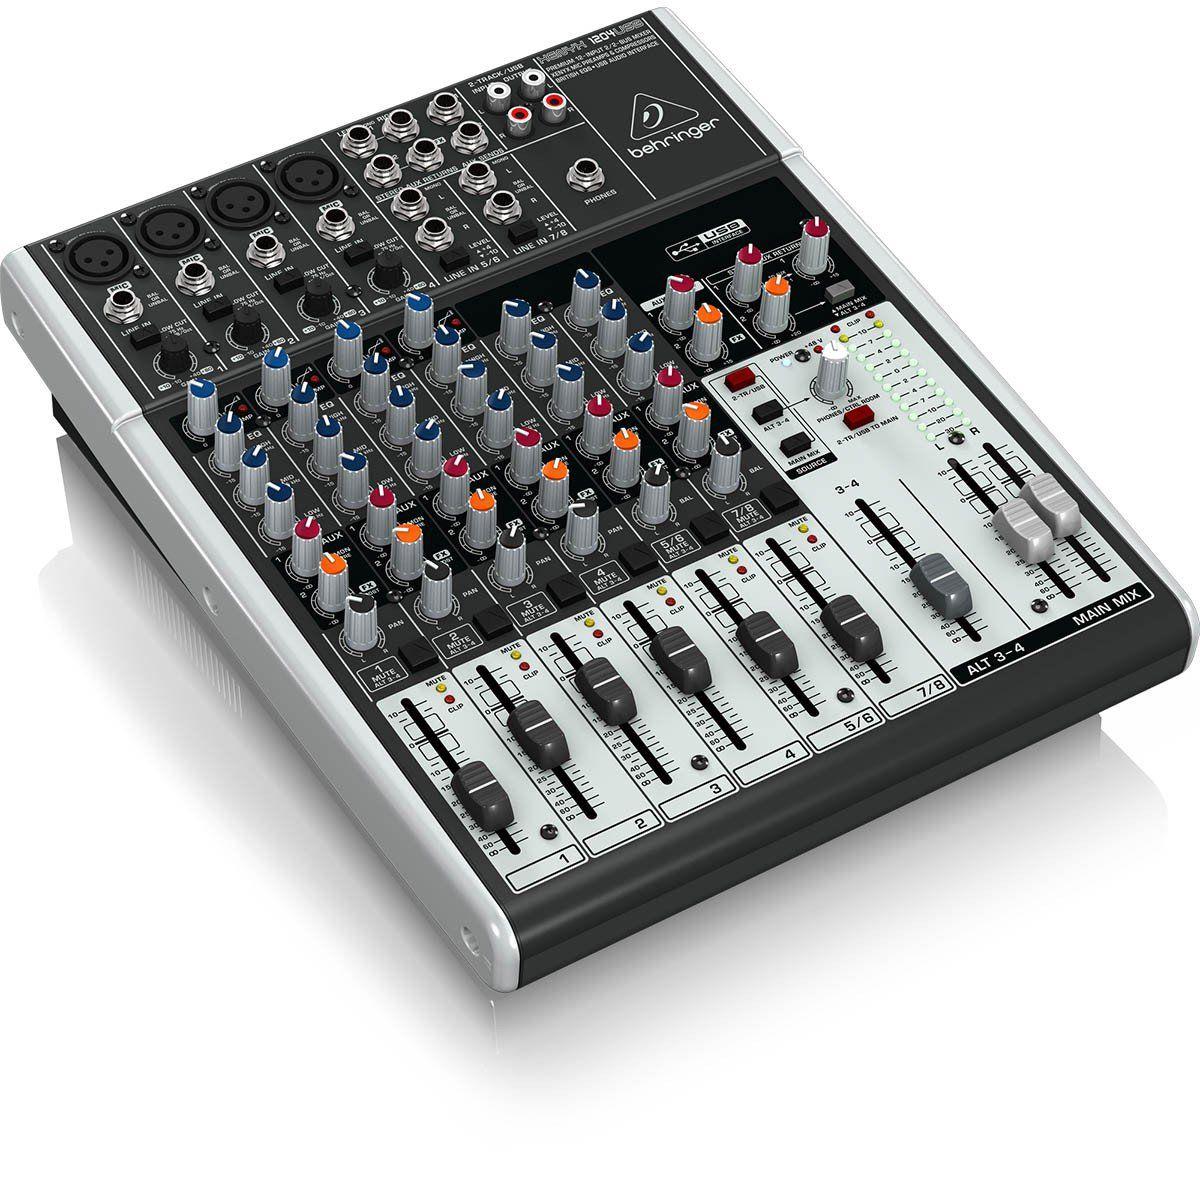 Behringer Xenyx 1204Usb Mesa de Som 1204-Usb 12 Canais para Gravação e Home Studio